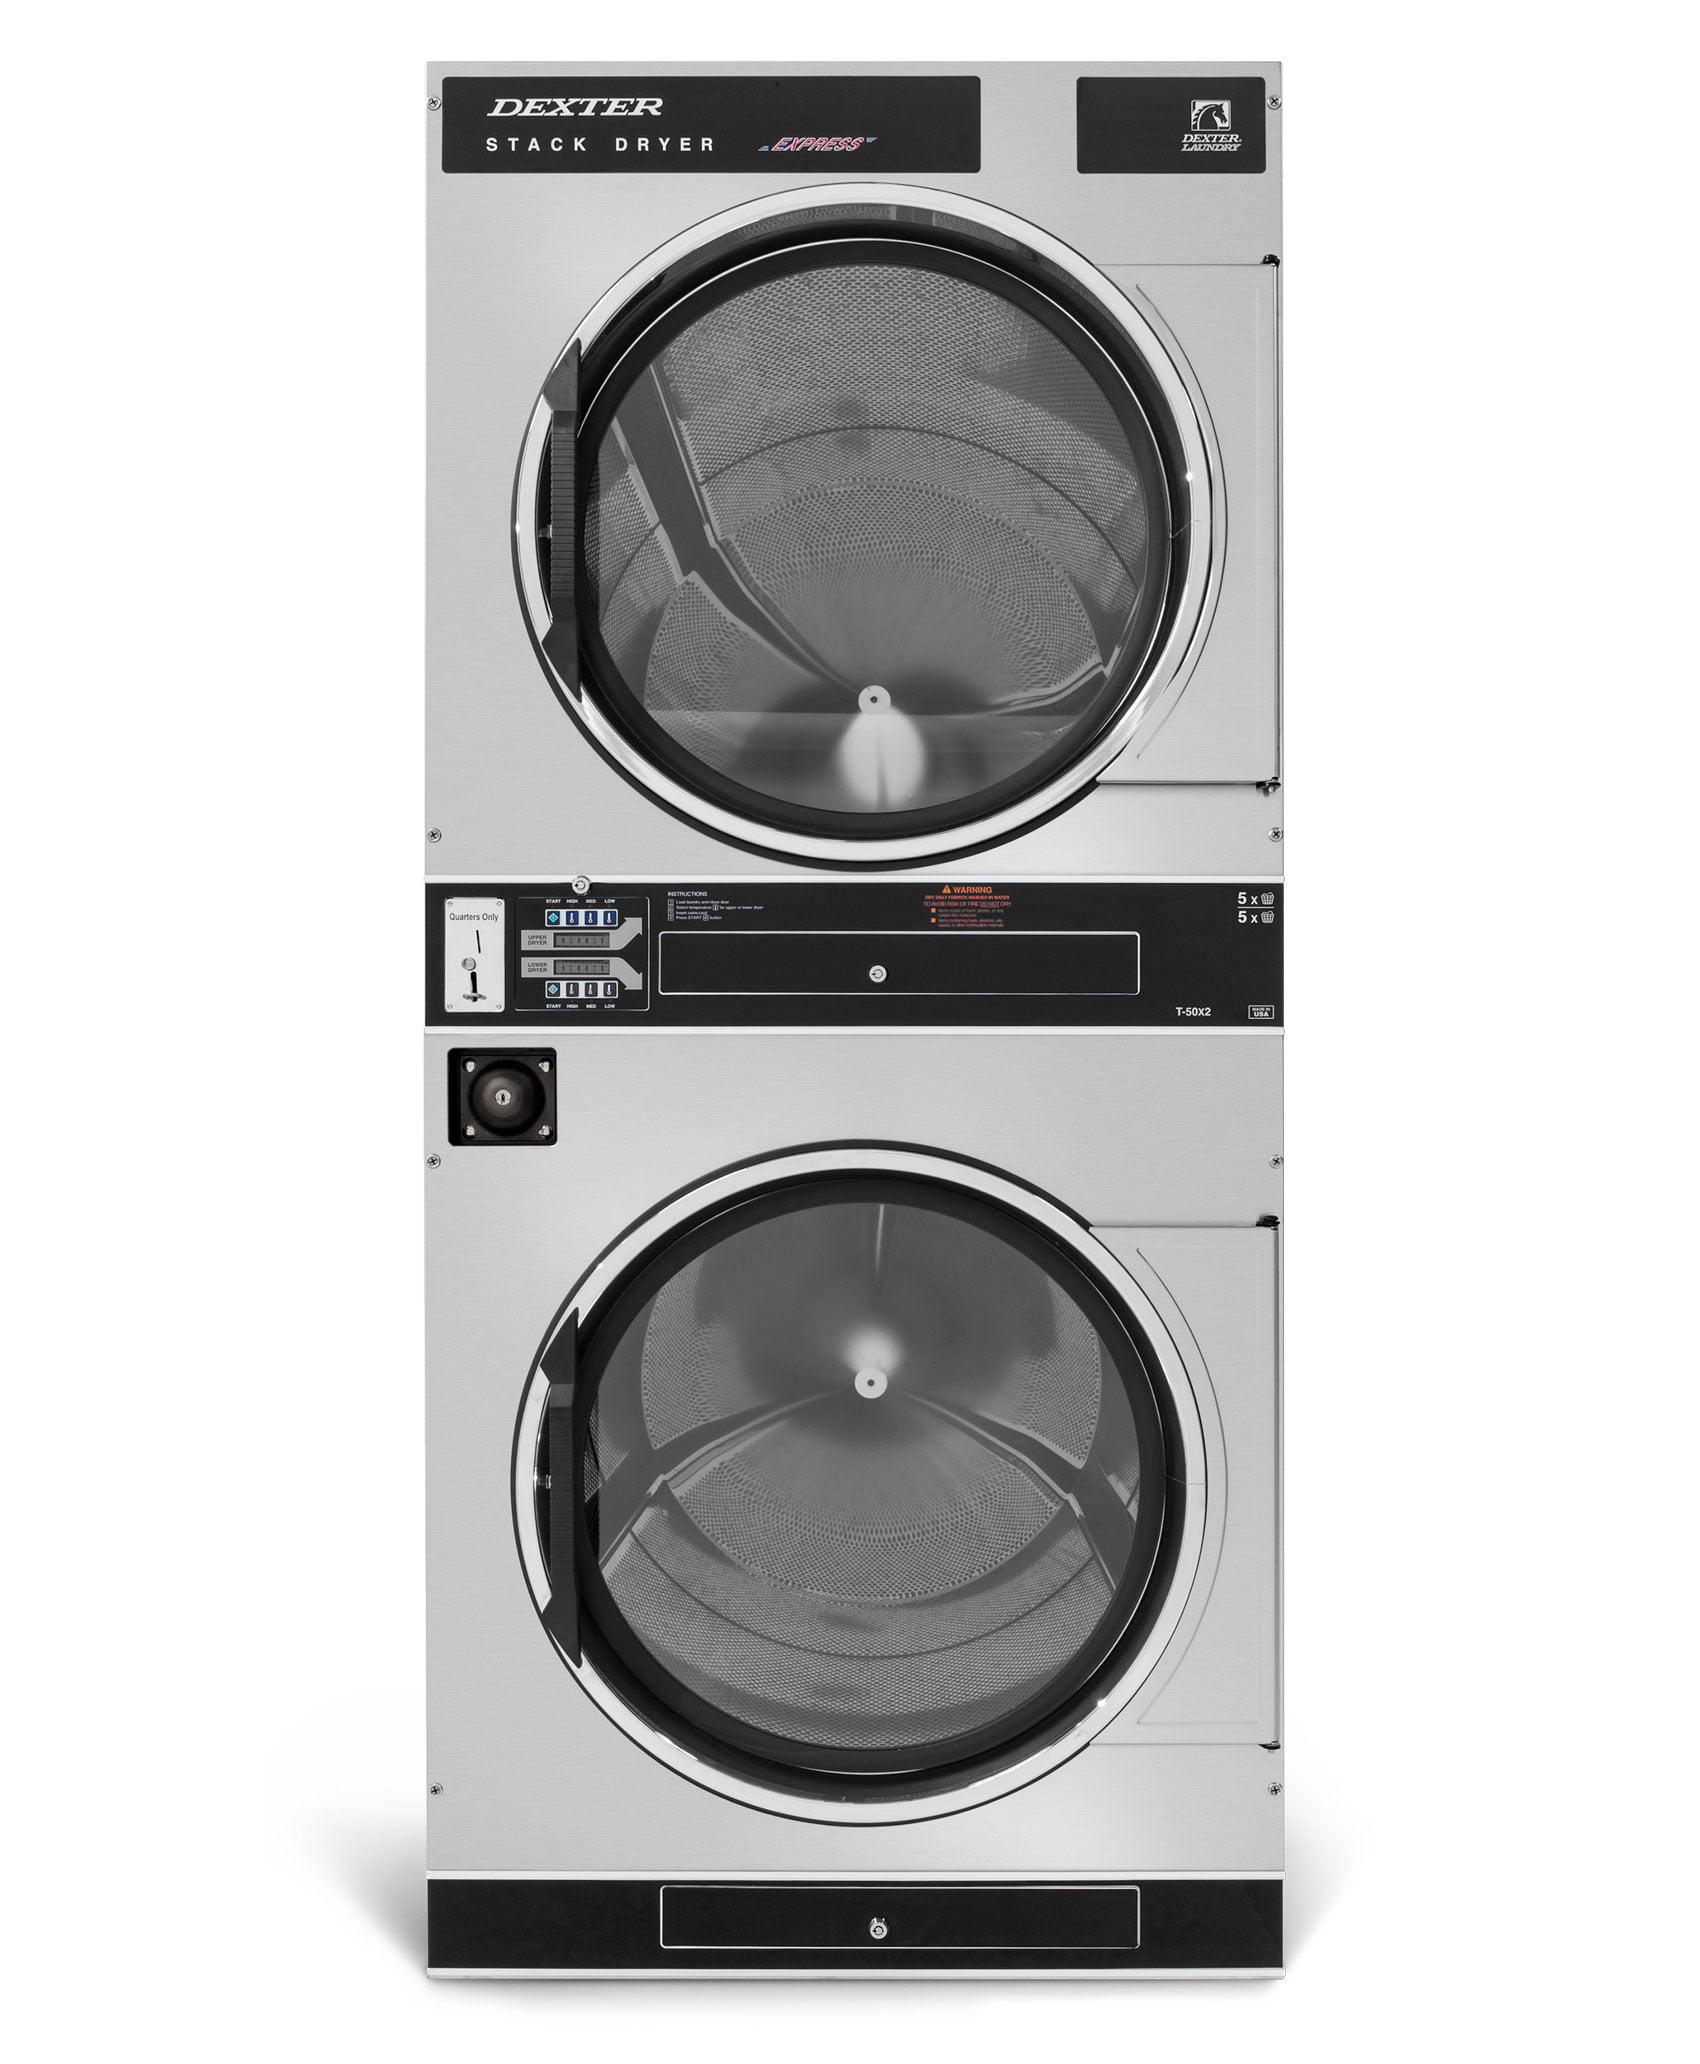 Dexter T-50x2 C Series Product Image